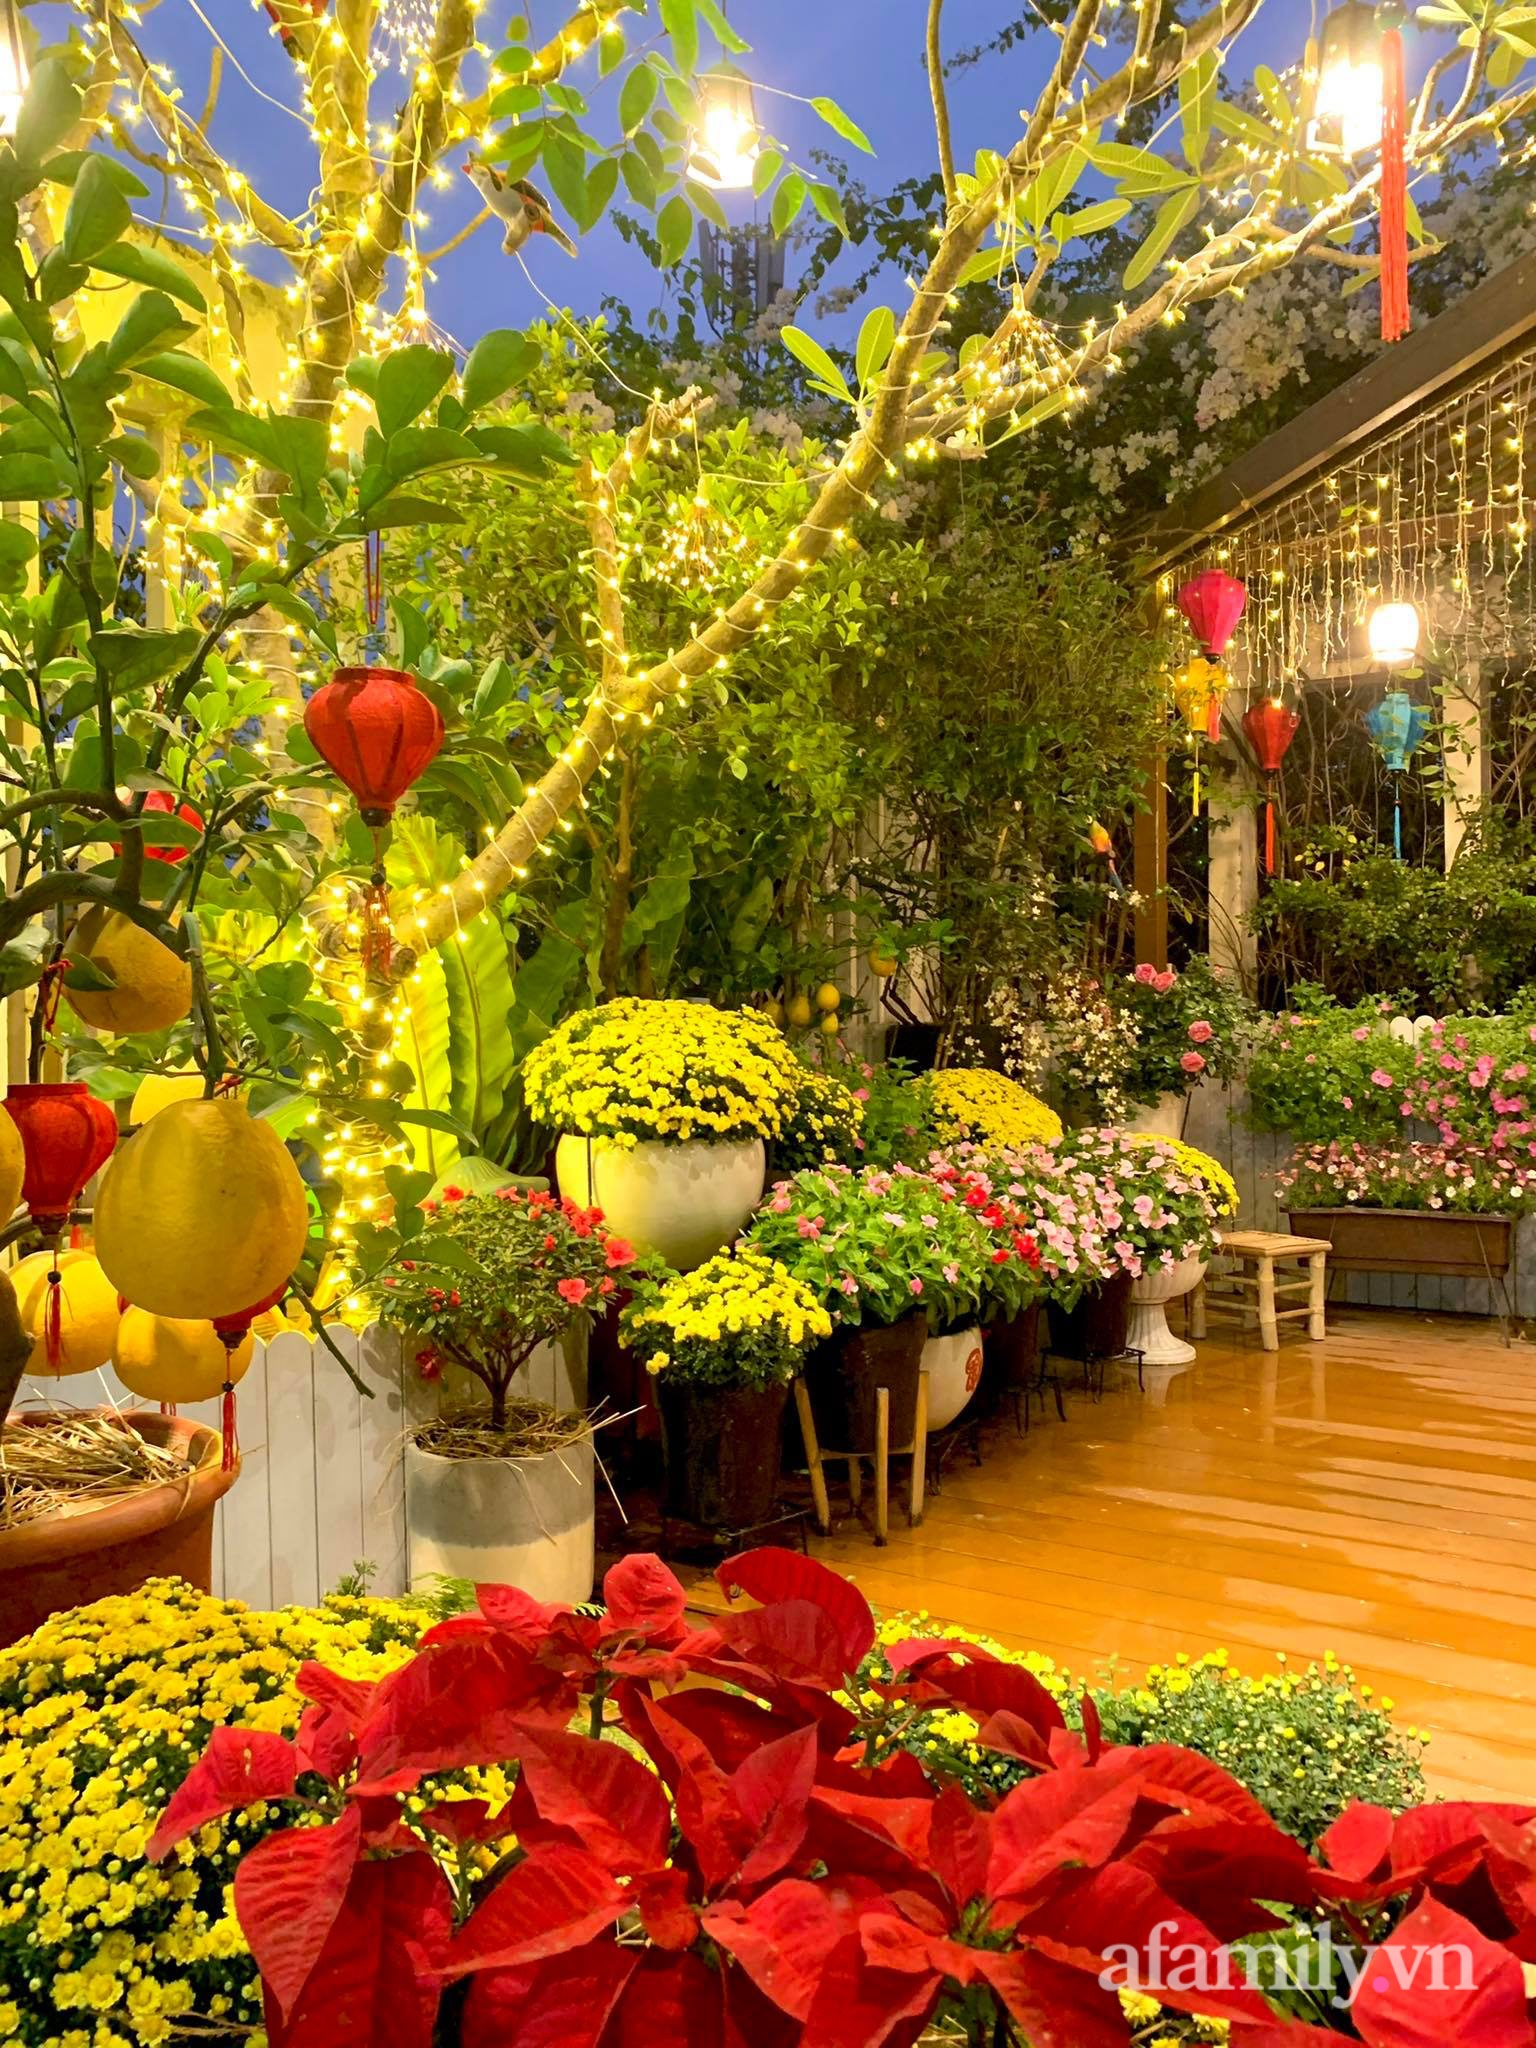 Mùng 1 đầu năm cùng ghé thăm sân thượng mang sắc màu Tết truyền thống của mẹ đảm ở Sài Gòn-8